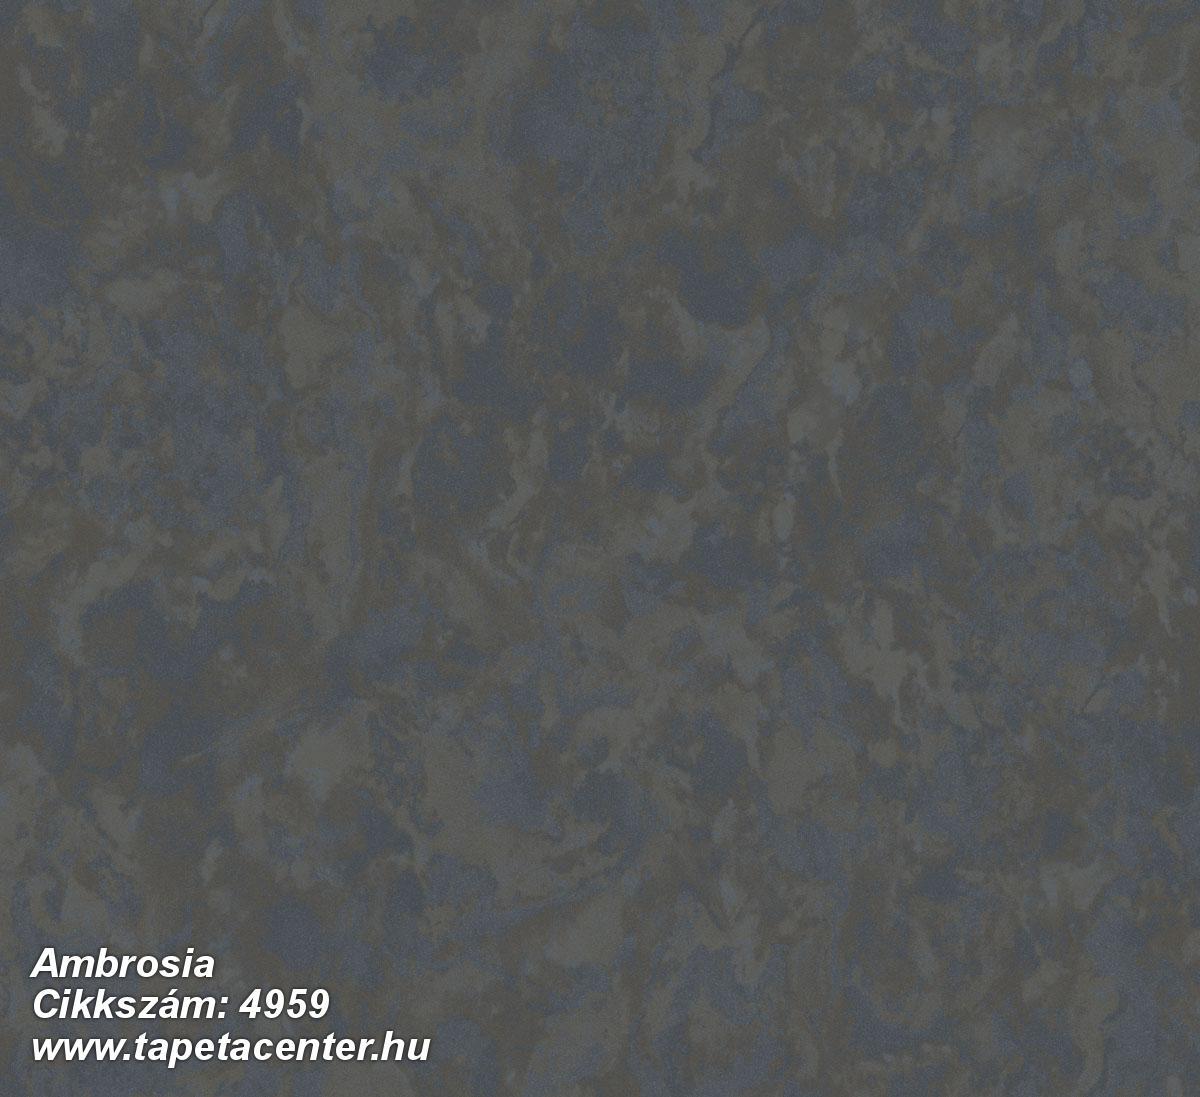 Ambrosia - 4959 Olasz tapéta